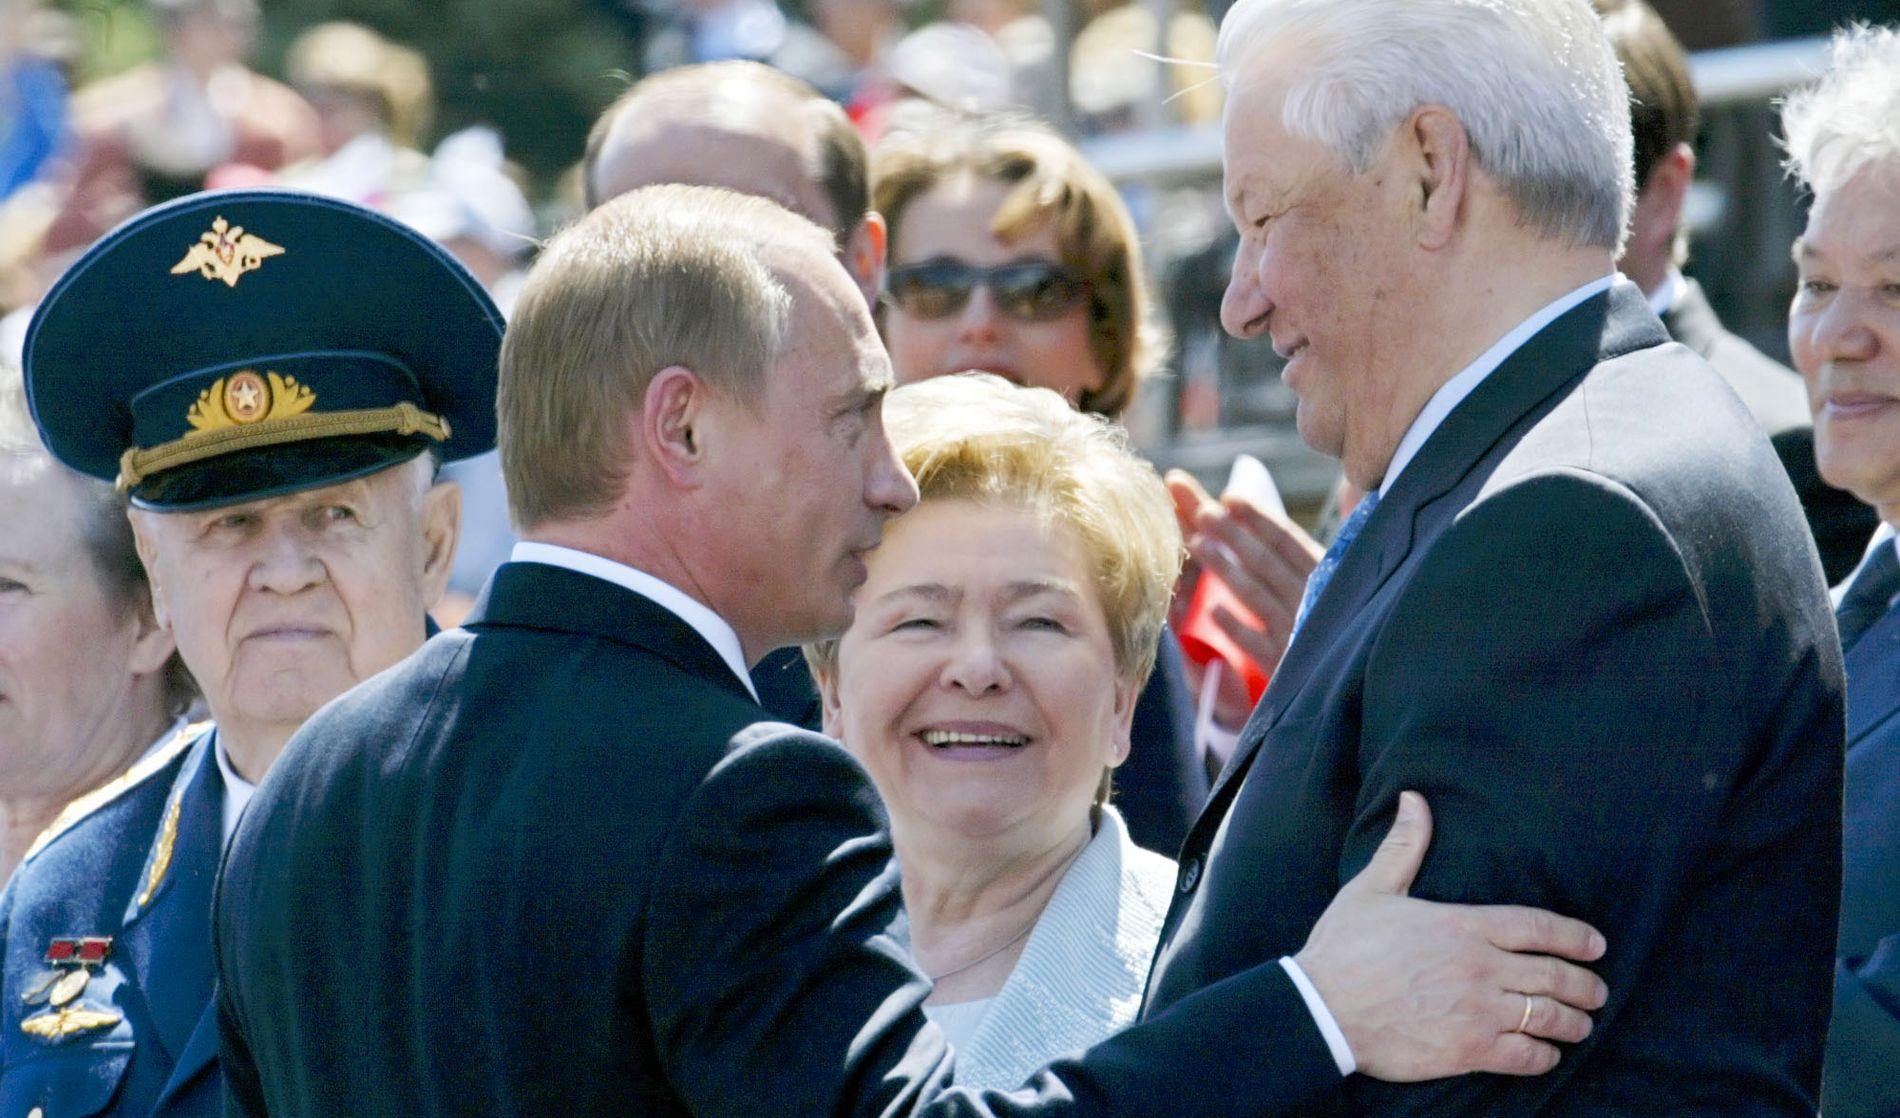 ETTERFØLGER: Boris Jeltsin lette lenge før han fant mannen som han mente kunne bli Russlands nye president. Her er han og Vladimir Putin fotografert sammen på den russiske nasjonaldagen i 2004. I midten Naina Jeltsina.